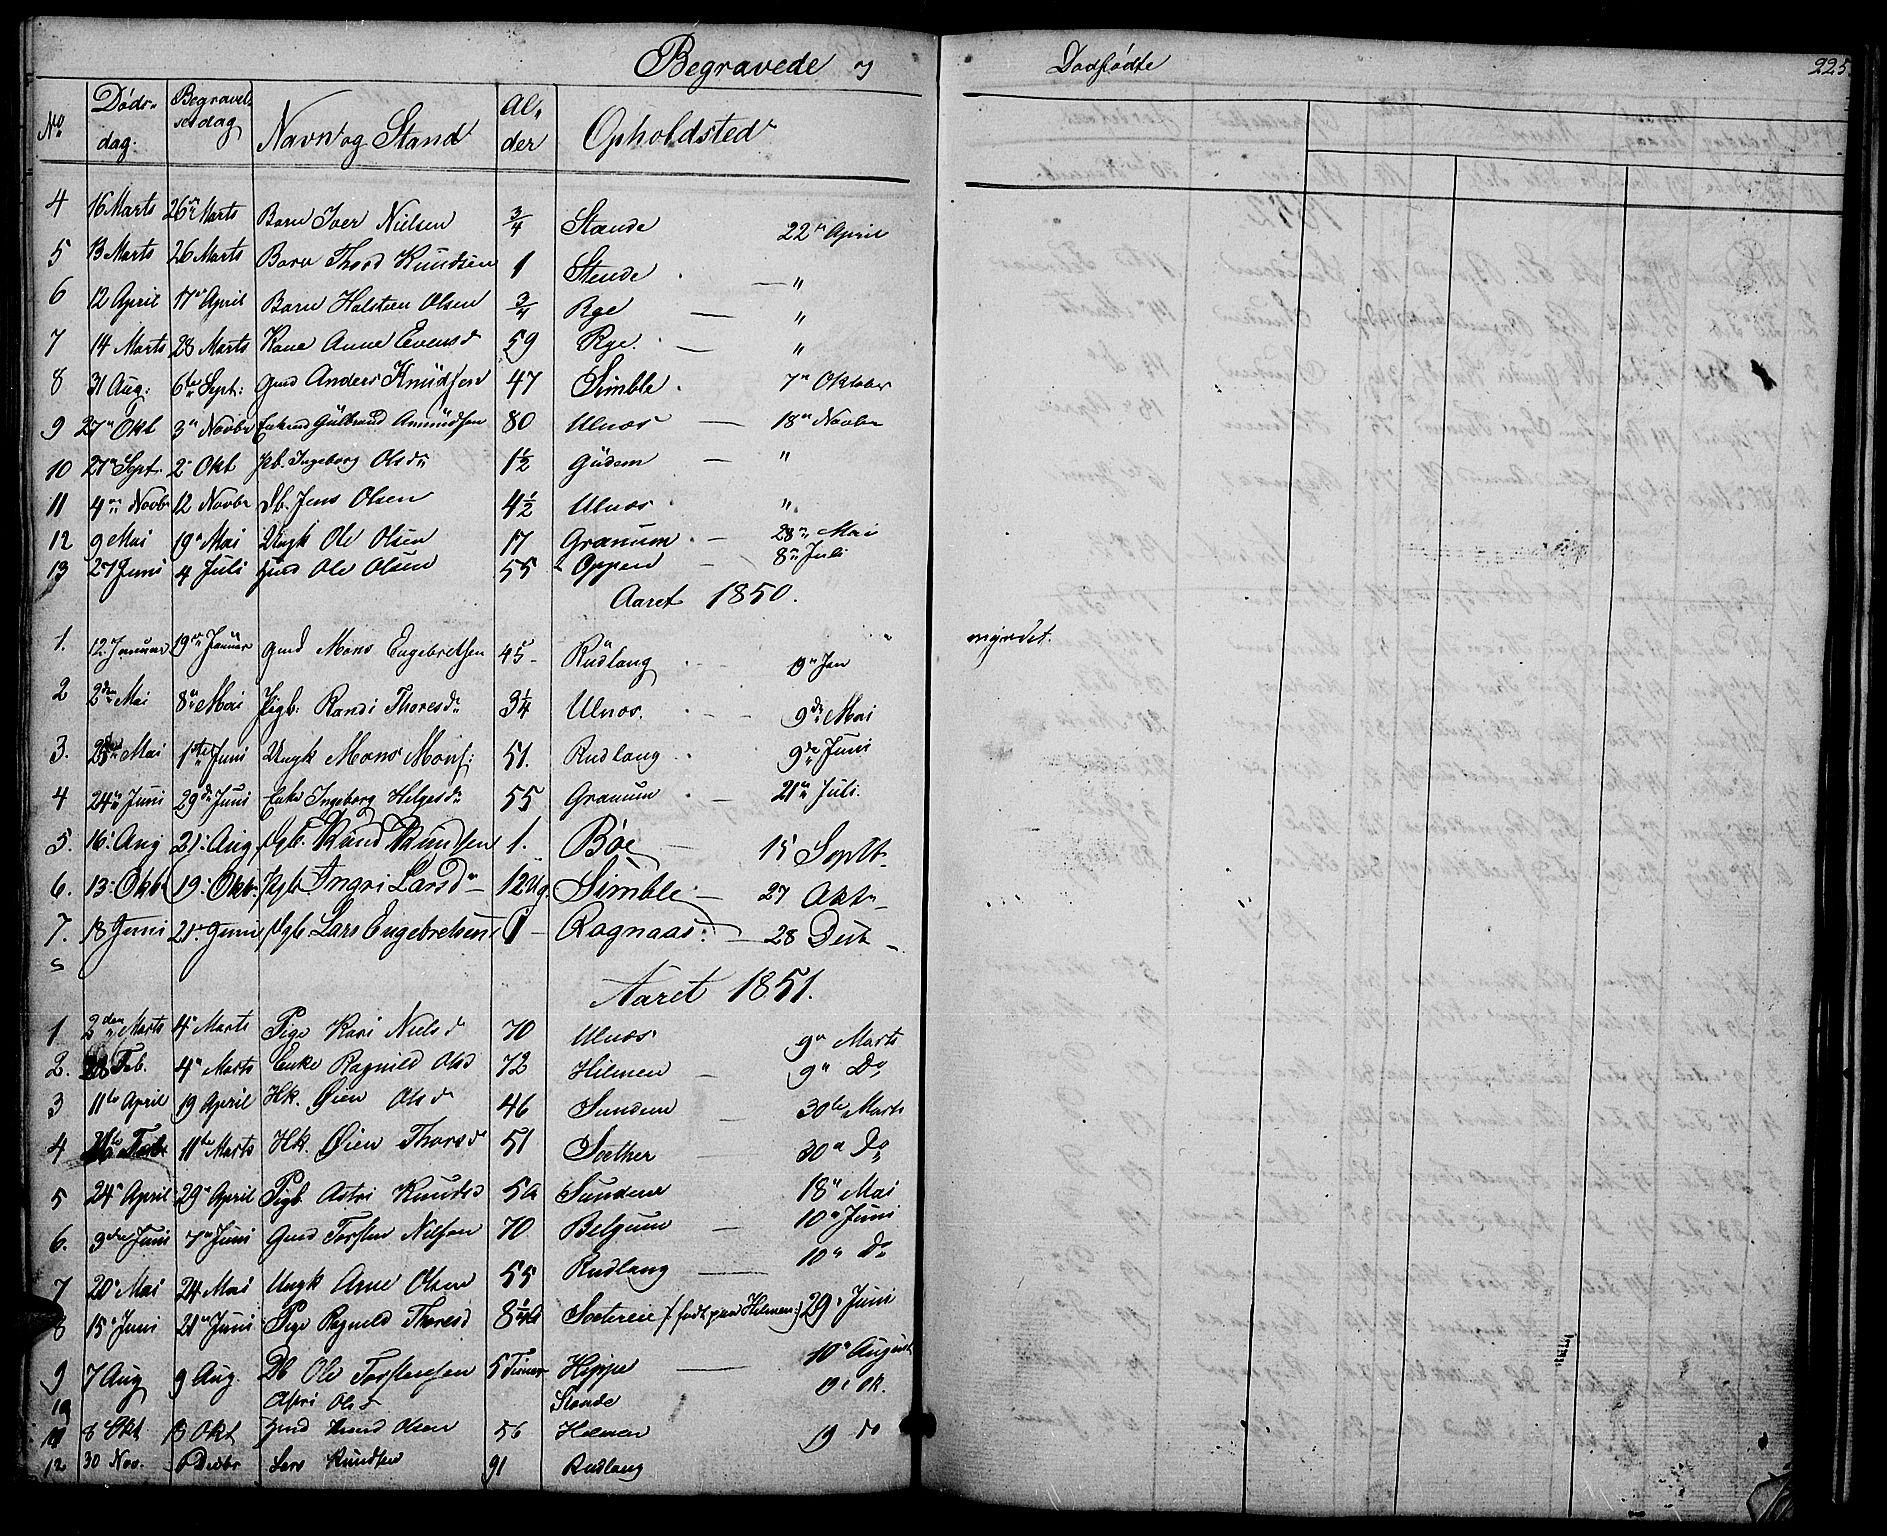 SAH, Nord-Aurdal prestekontor, Klokkerbok nr. 4, 1842-1882, s. 225